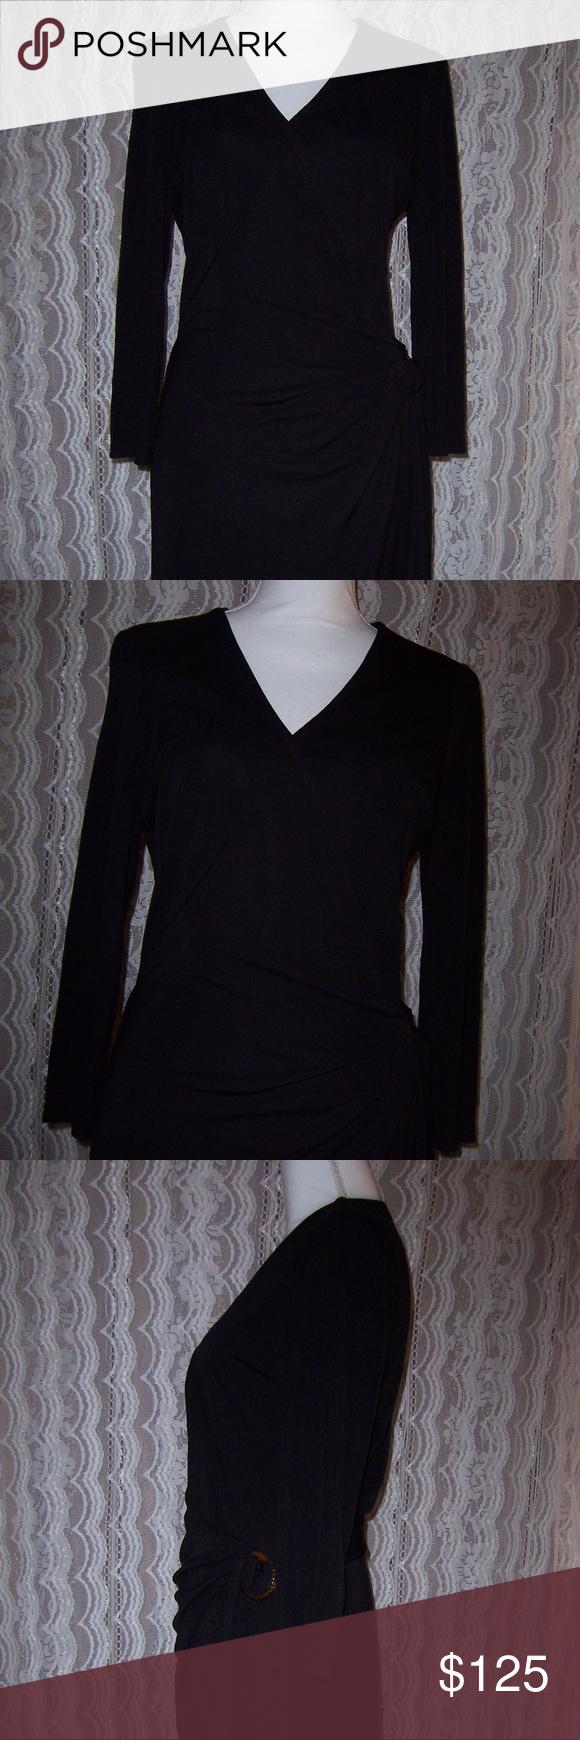 Lauren ralph lauren long sleeve wrap dress sz womenus gorgeous